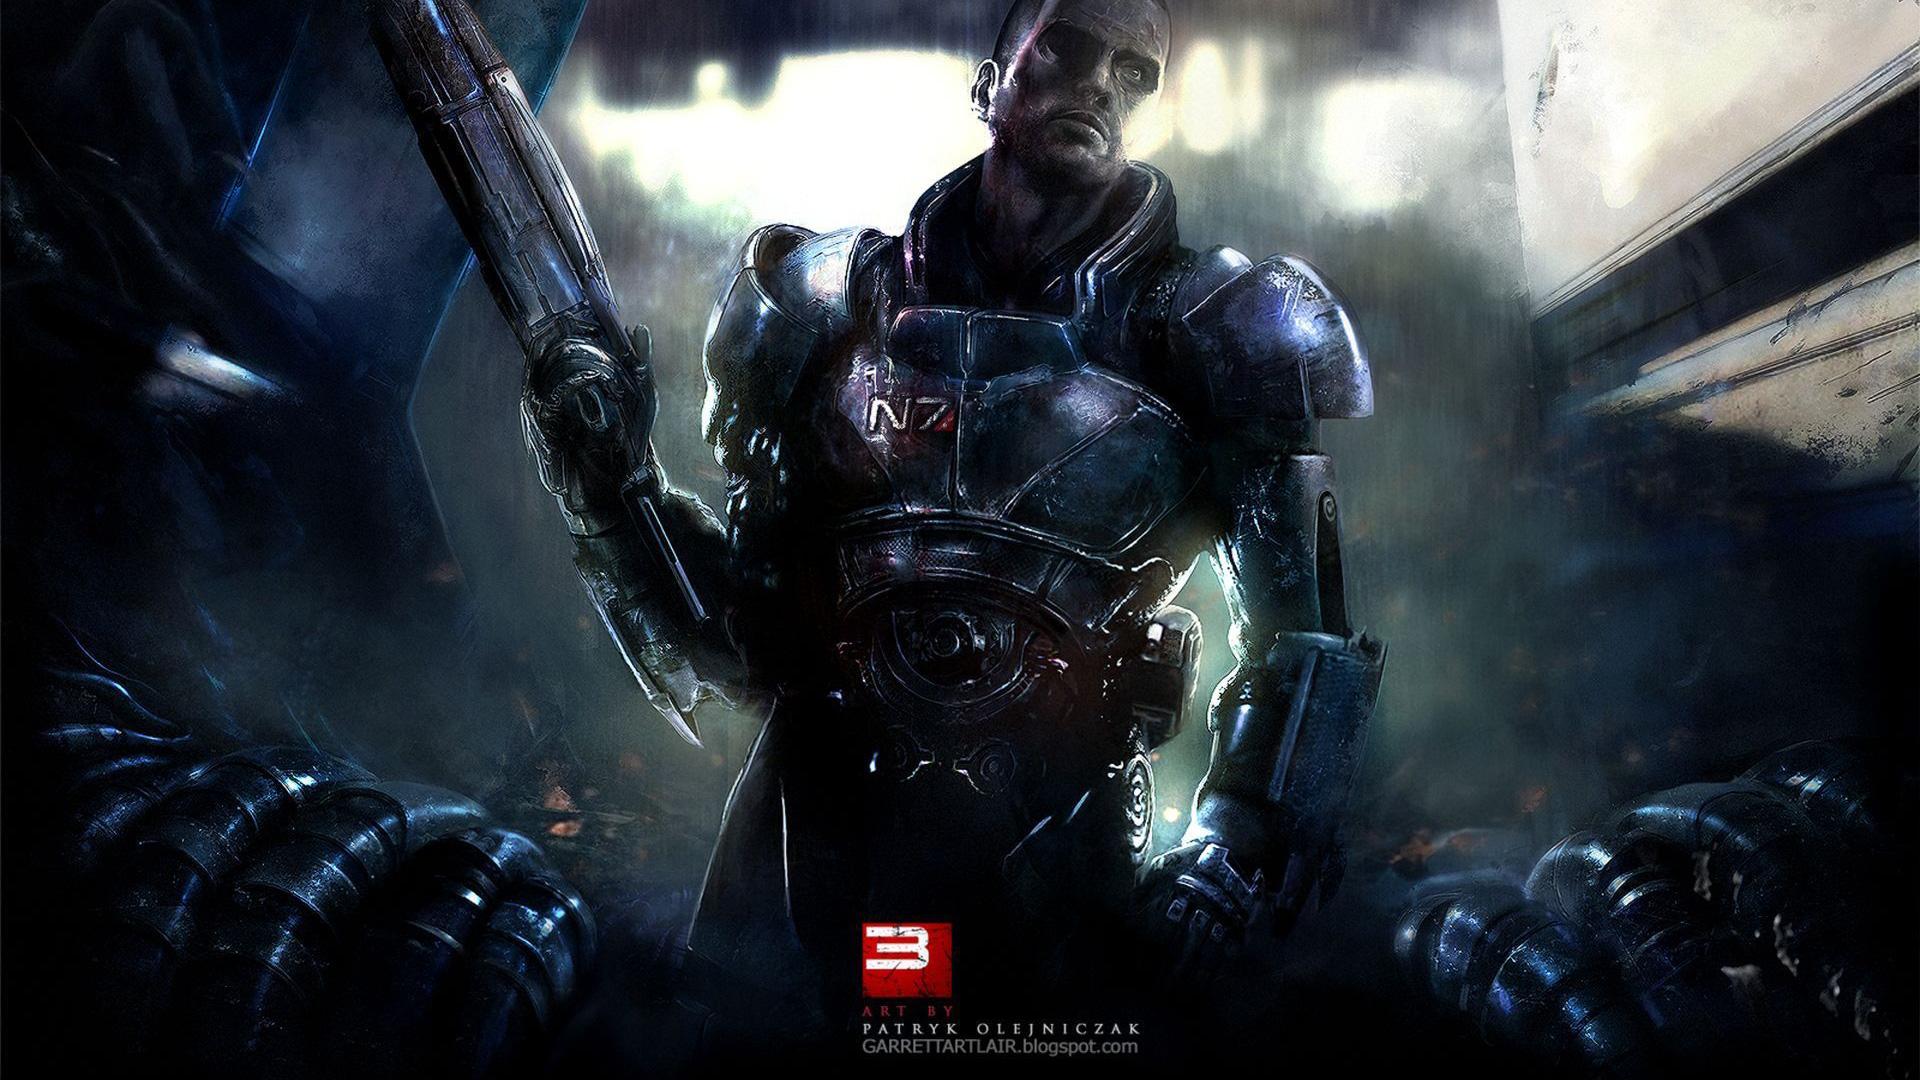 Mass Effect 3 Wallpaper in 1920x1080